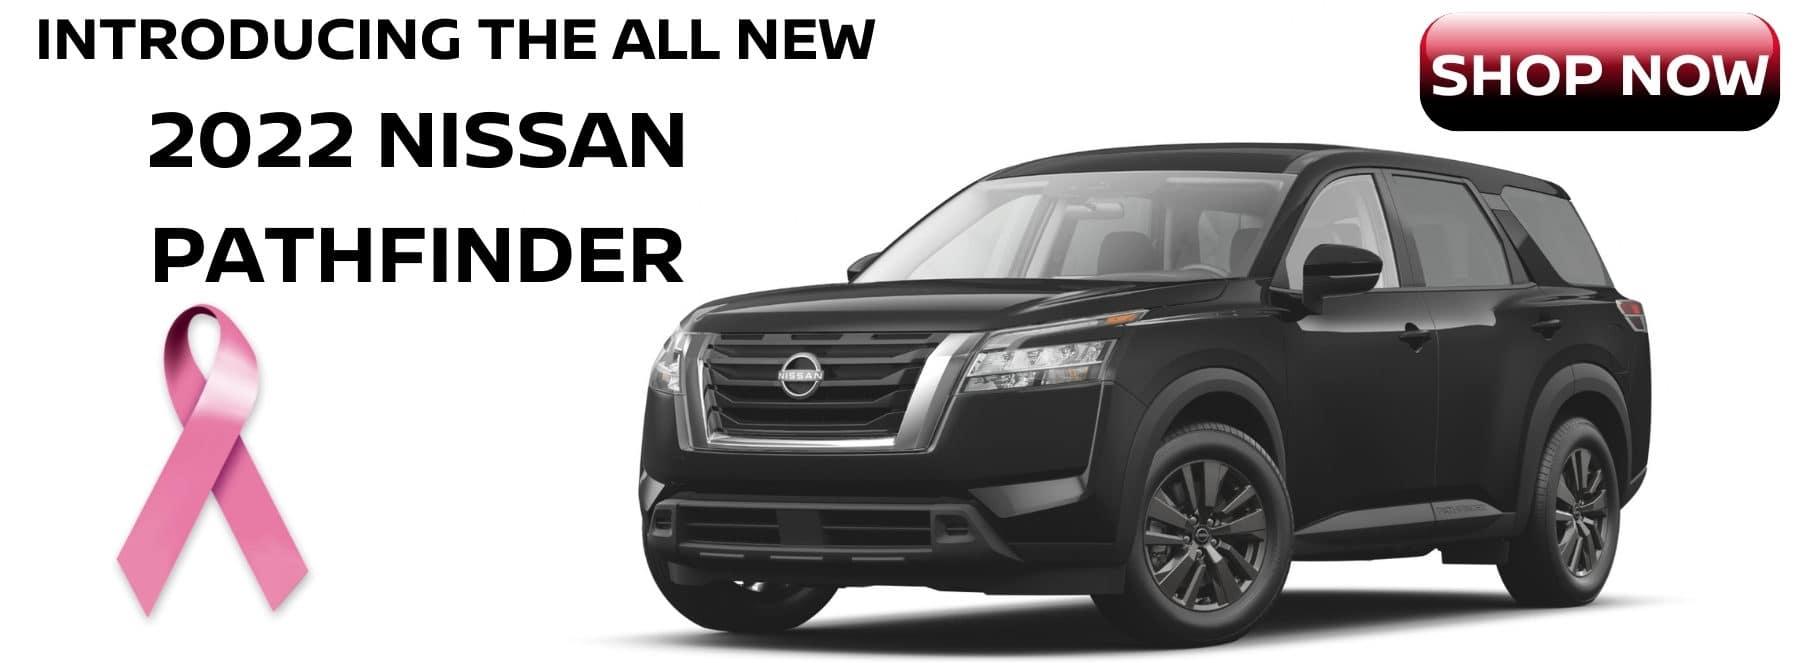 NissanPathinder